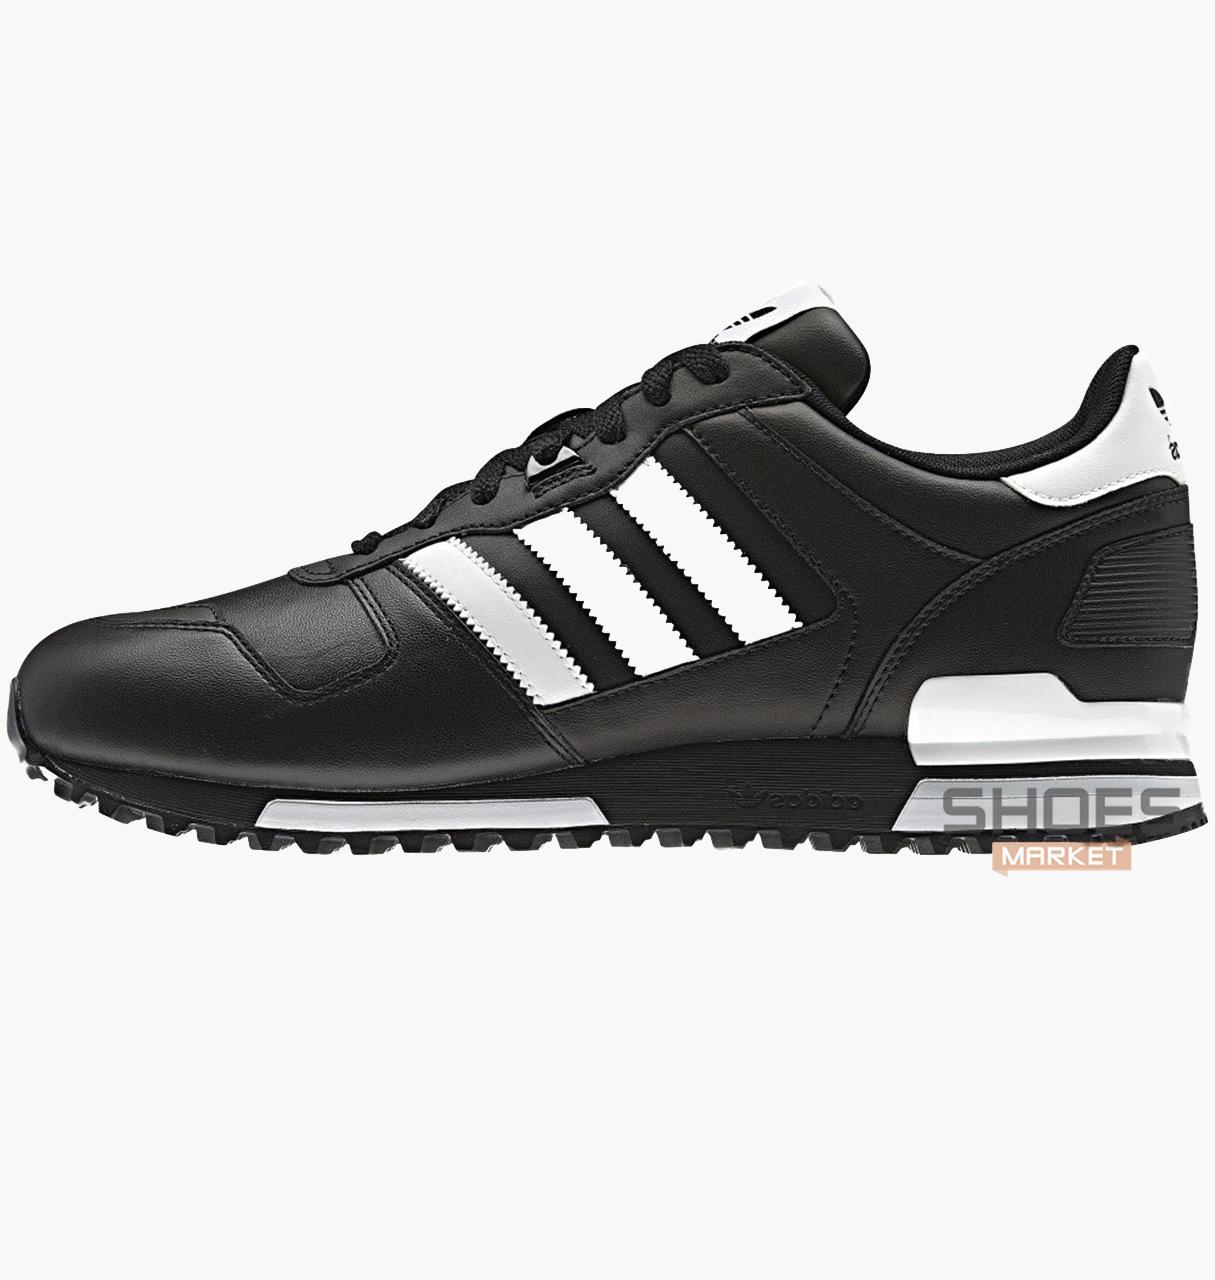 Мужские кроссовки  Adidas ZX 700 Black G63499, оригинал